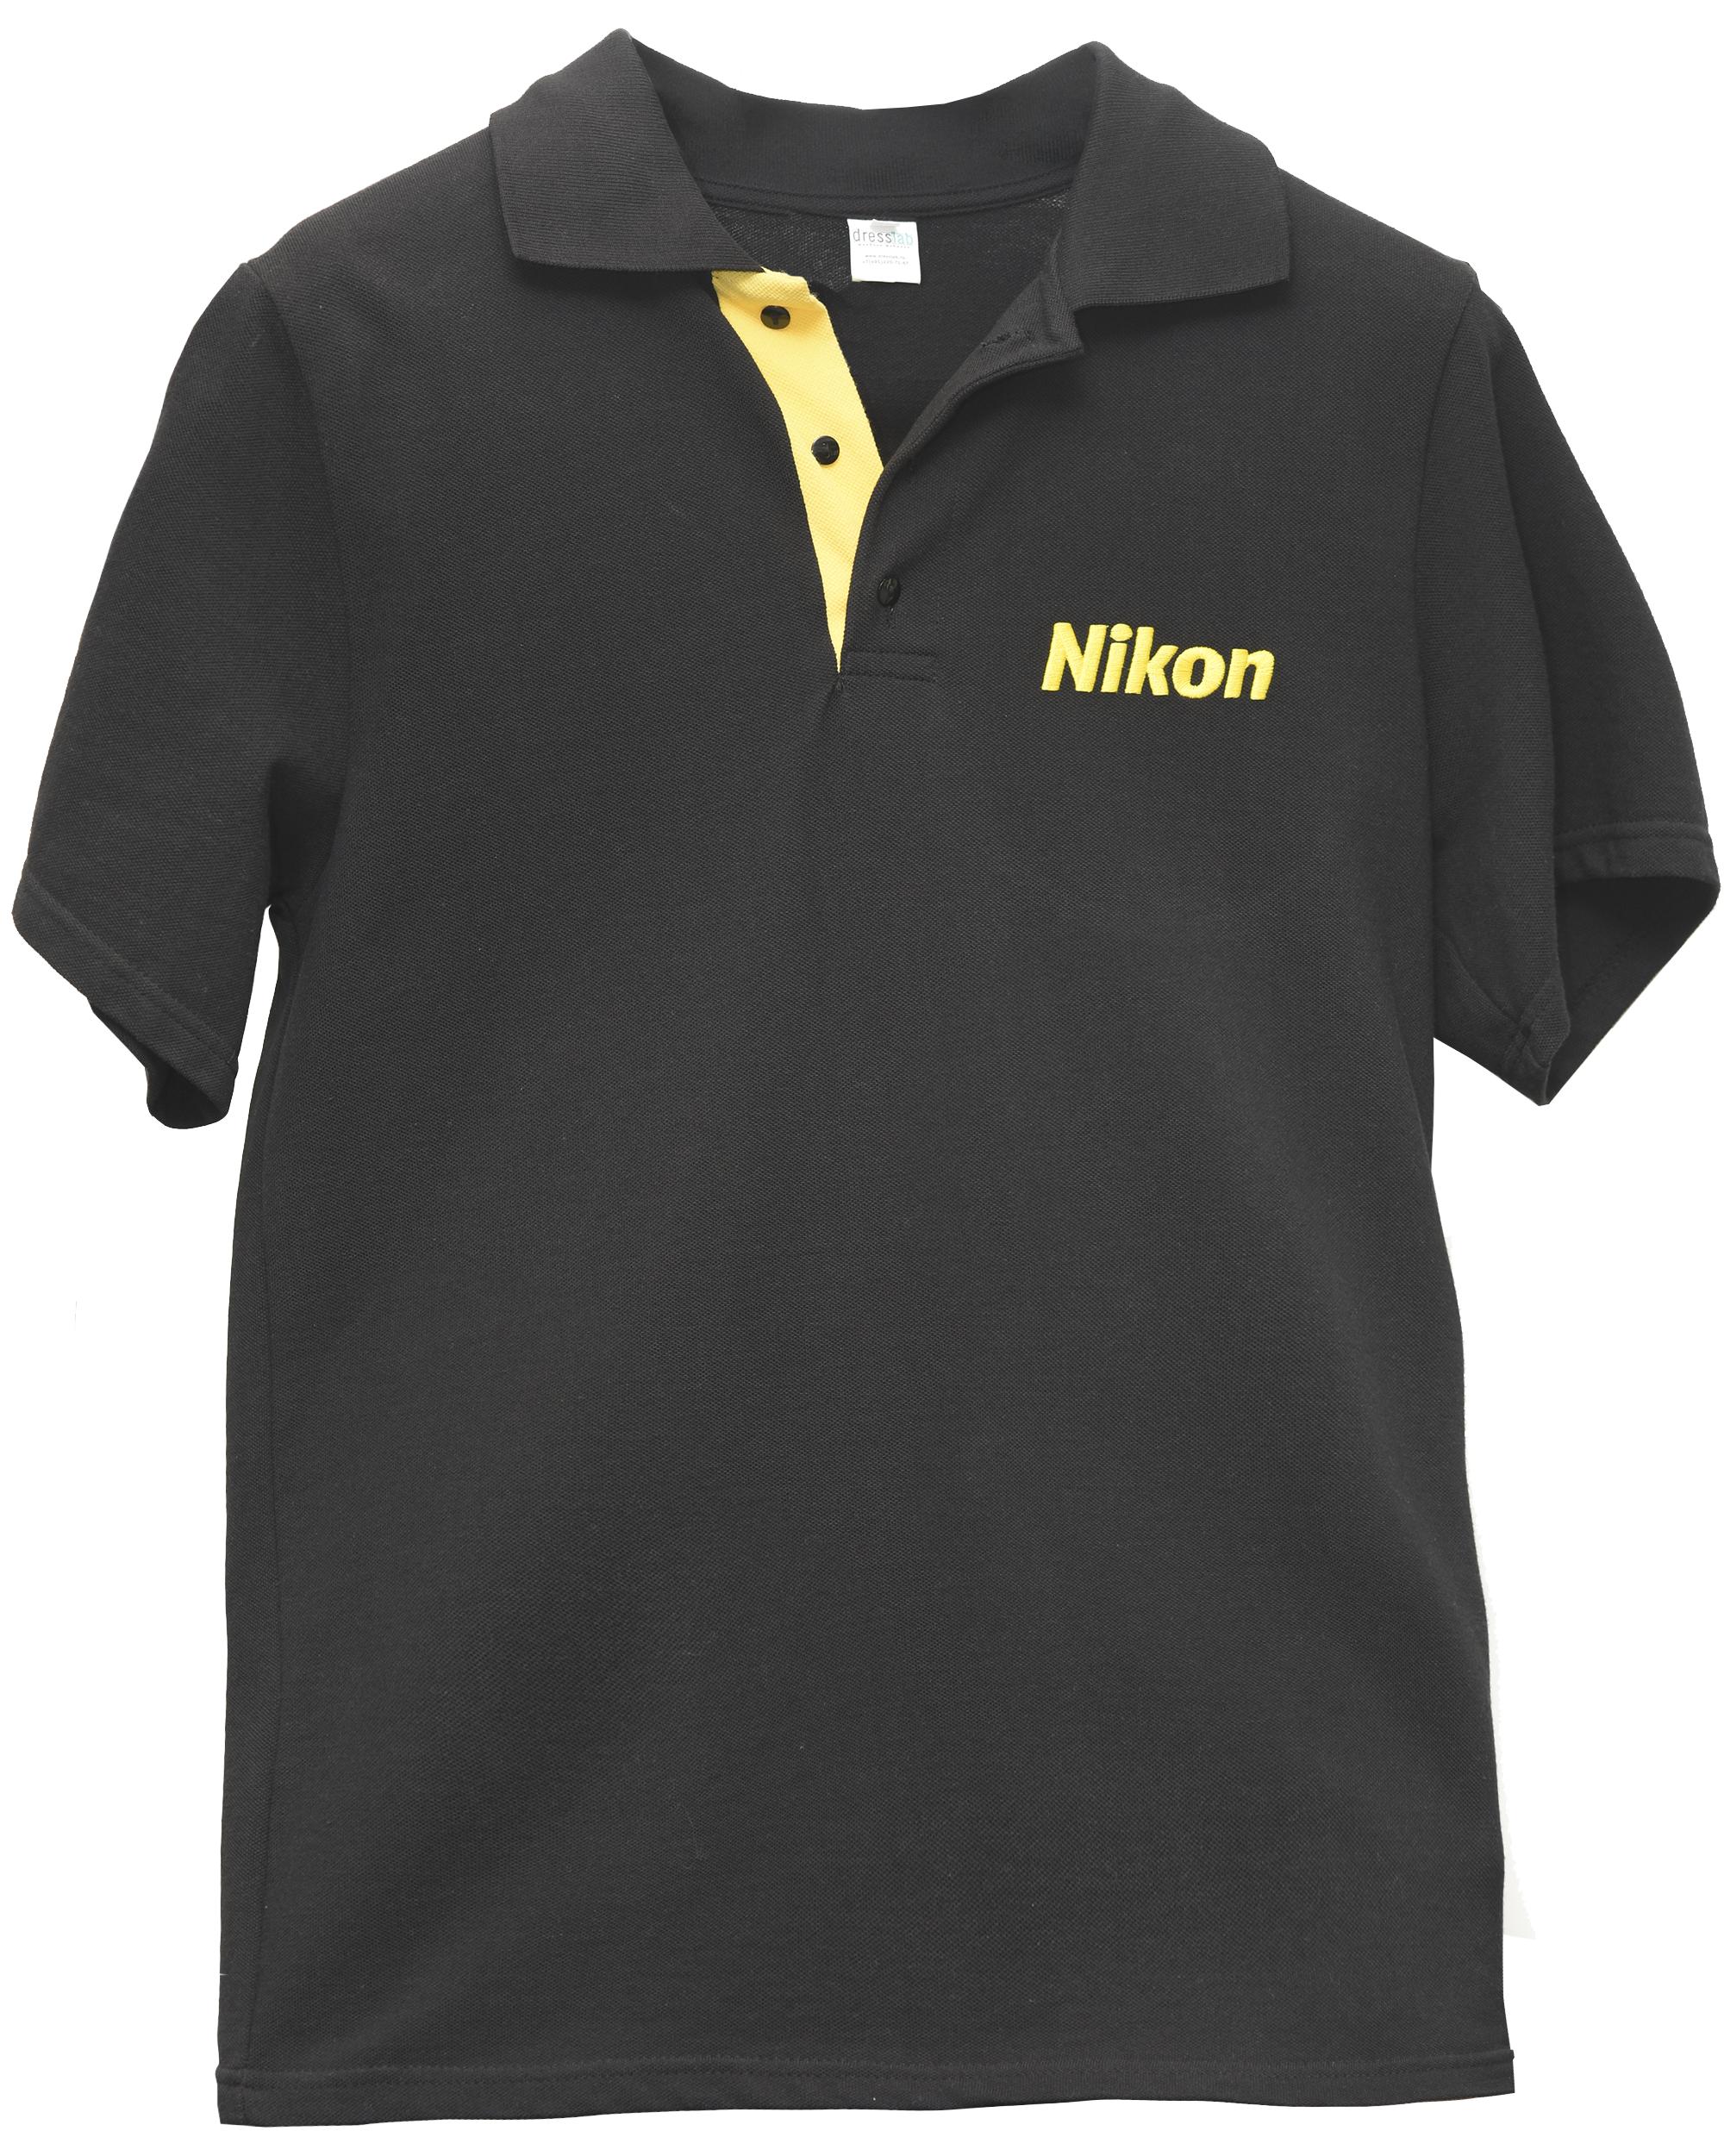 Nikon ПолоСувениры<br>Стильное поло с логотипом Nikon, выполненная в чёрном цвете станет отличным дополнением к Вашему стилю и послужит отличным подарком Вашим близким. <br>Логотипы Nikon нанесены спереди (размер 8х2,5 см) и сзади (размер 23х7 см).<br> Размеры: 48, 50, 52<br><br>Тип: Поло<br>Артикул: POLO